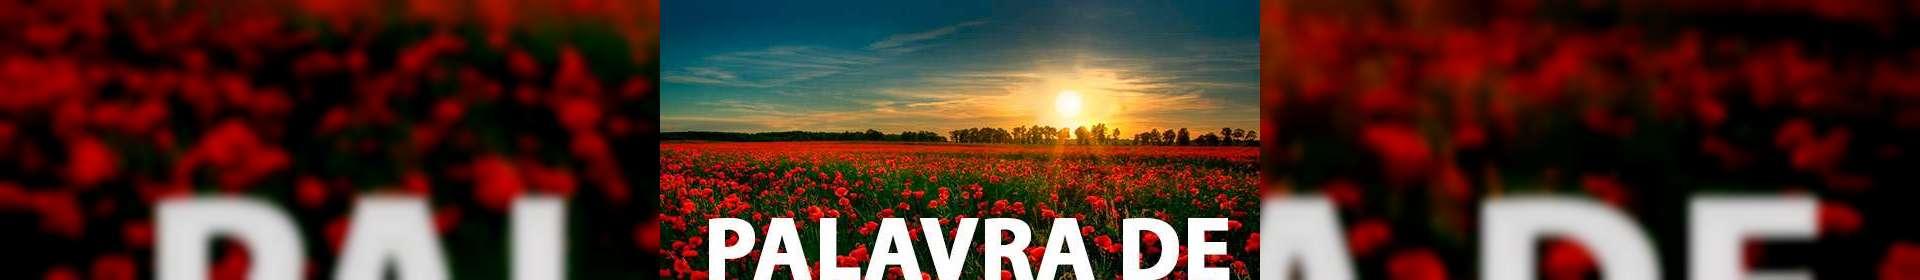 Gálatas 2:20 - Uma Palavra de Esperança para sua vida